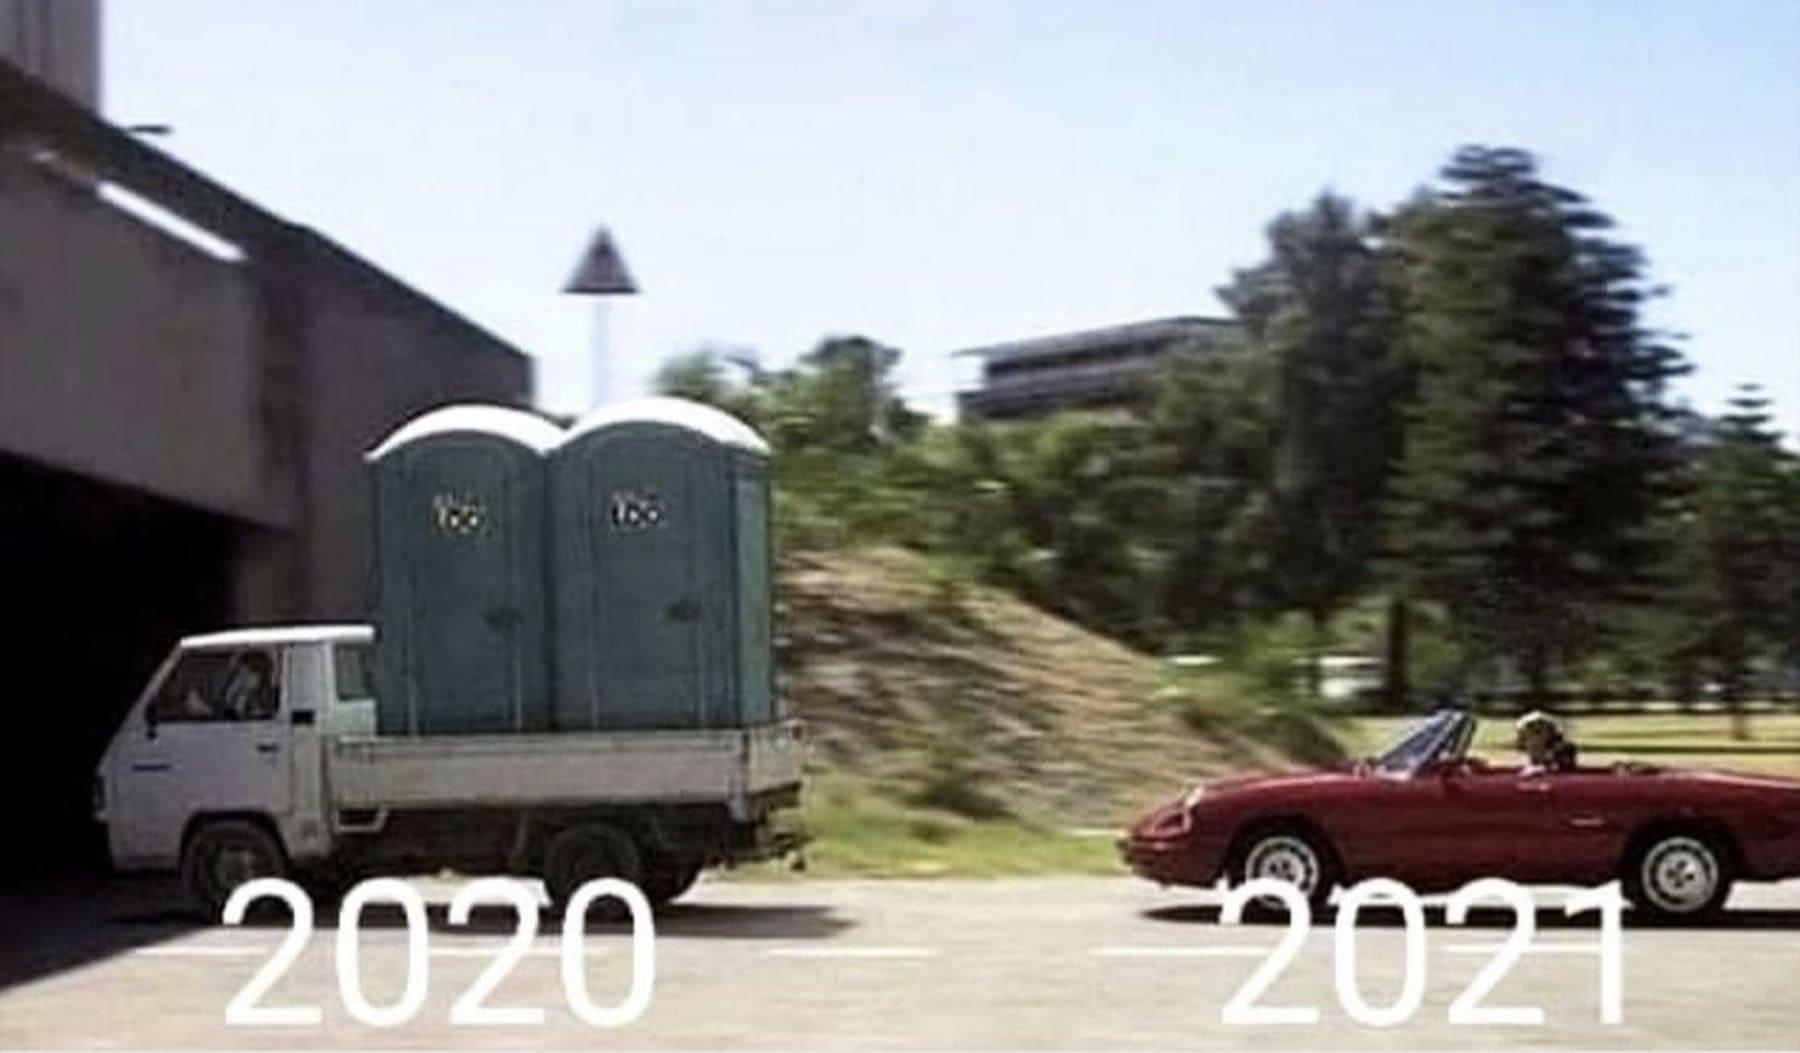 Sich schon jetzt auf 2021 freuen | Lustiges | Was is hier eigentlich los?